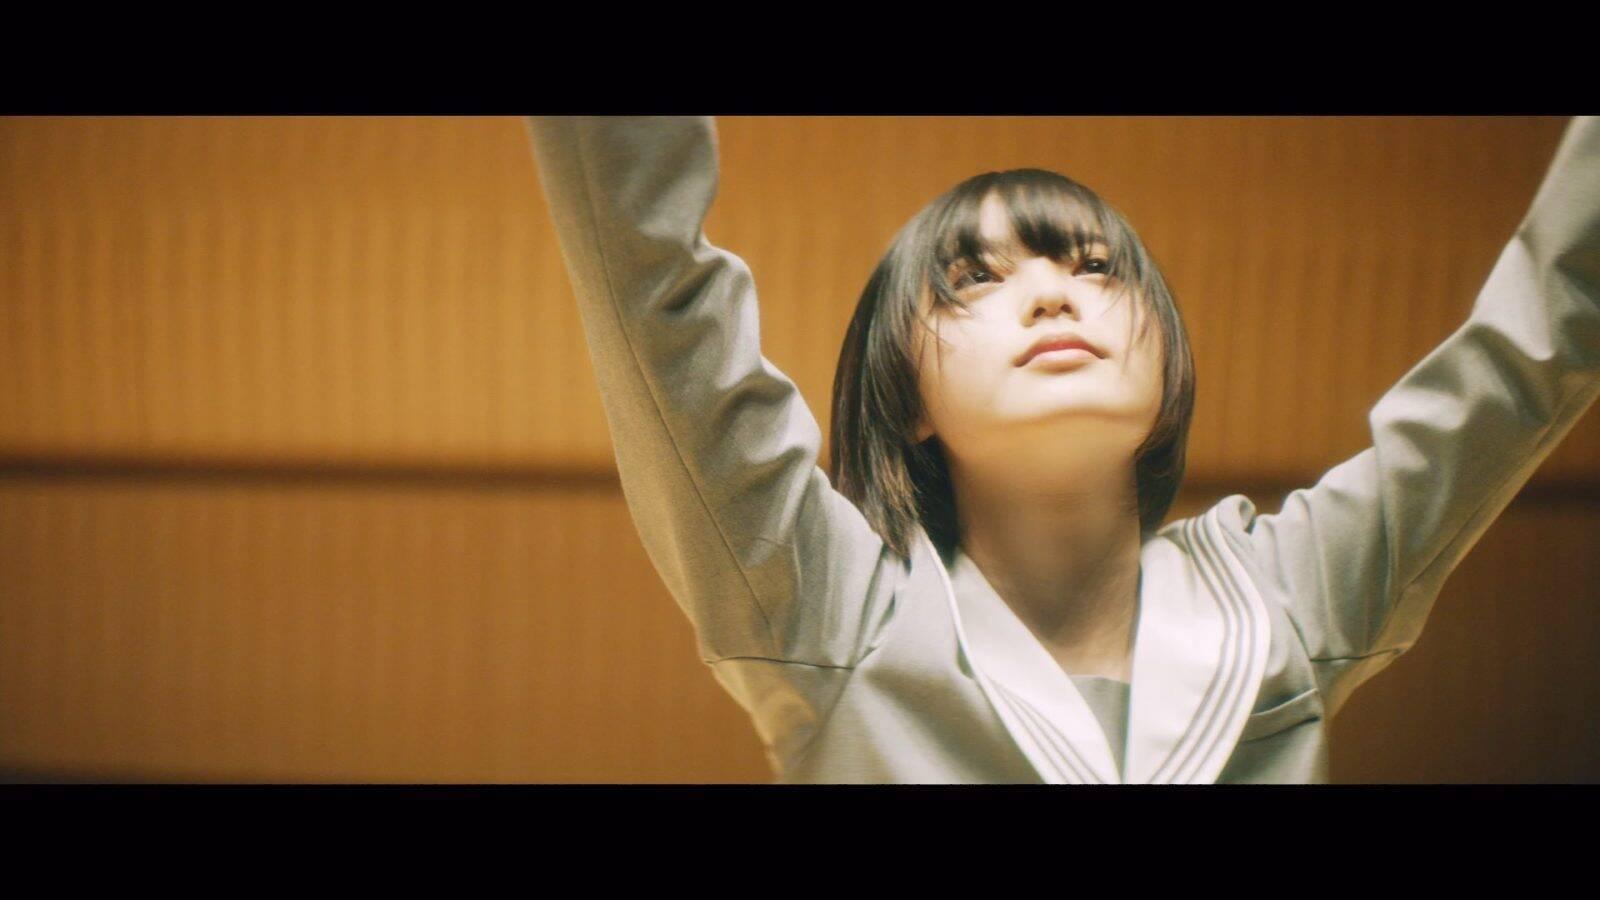 欅坂46 平手友梨奈のソロ曲 角を曲がる のmusic Videoが突如公開に 19年9月日 エキサイトニュース